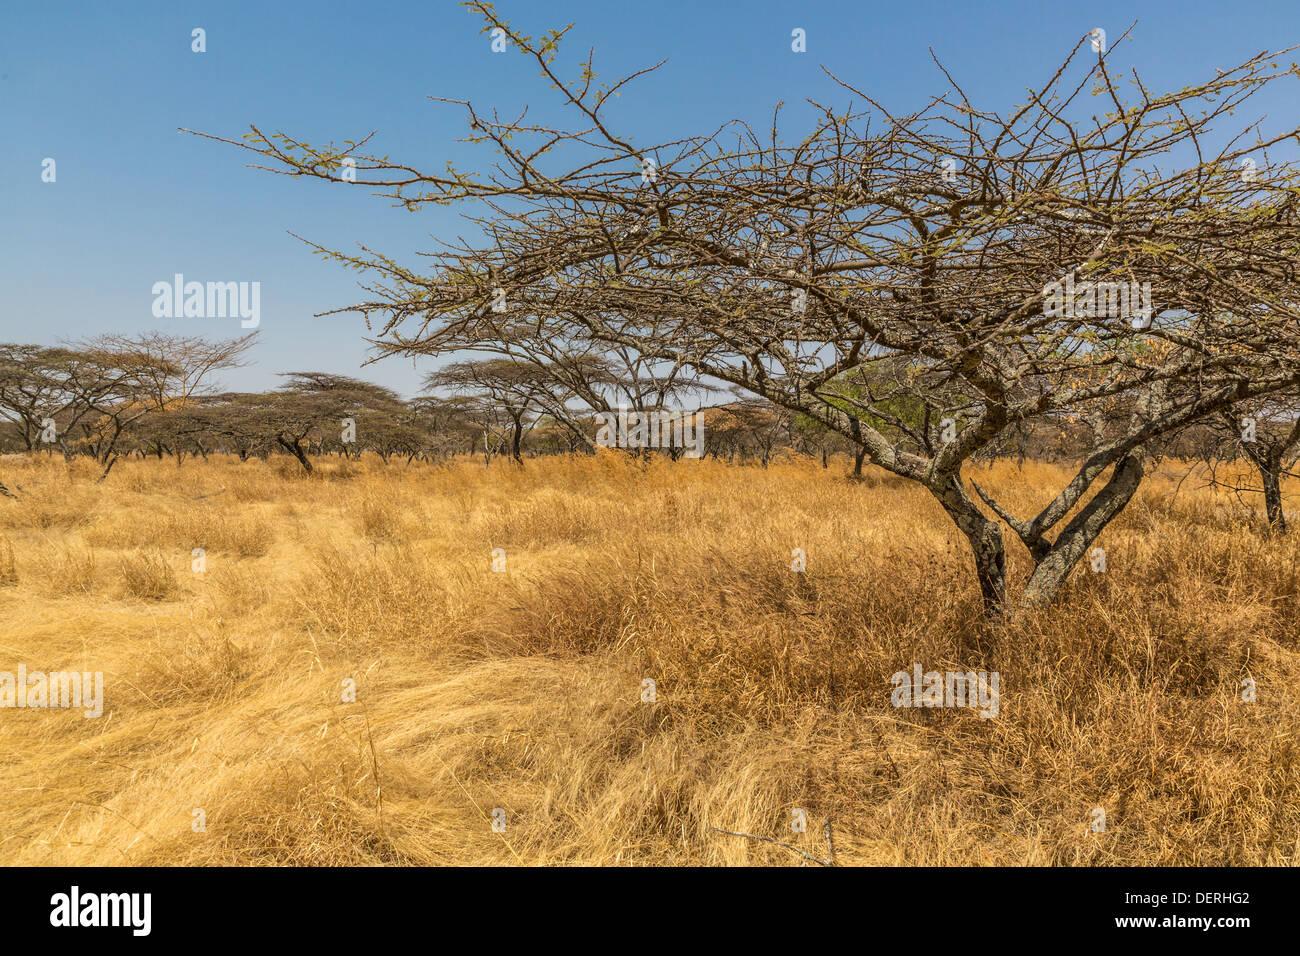 Les arbres d'Acacia dans les prairies de savane sèche dans Abjatta-shalla parc national, l'Ethiopie Photo Stock